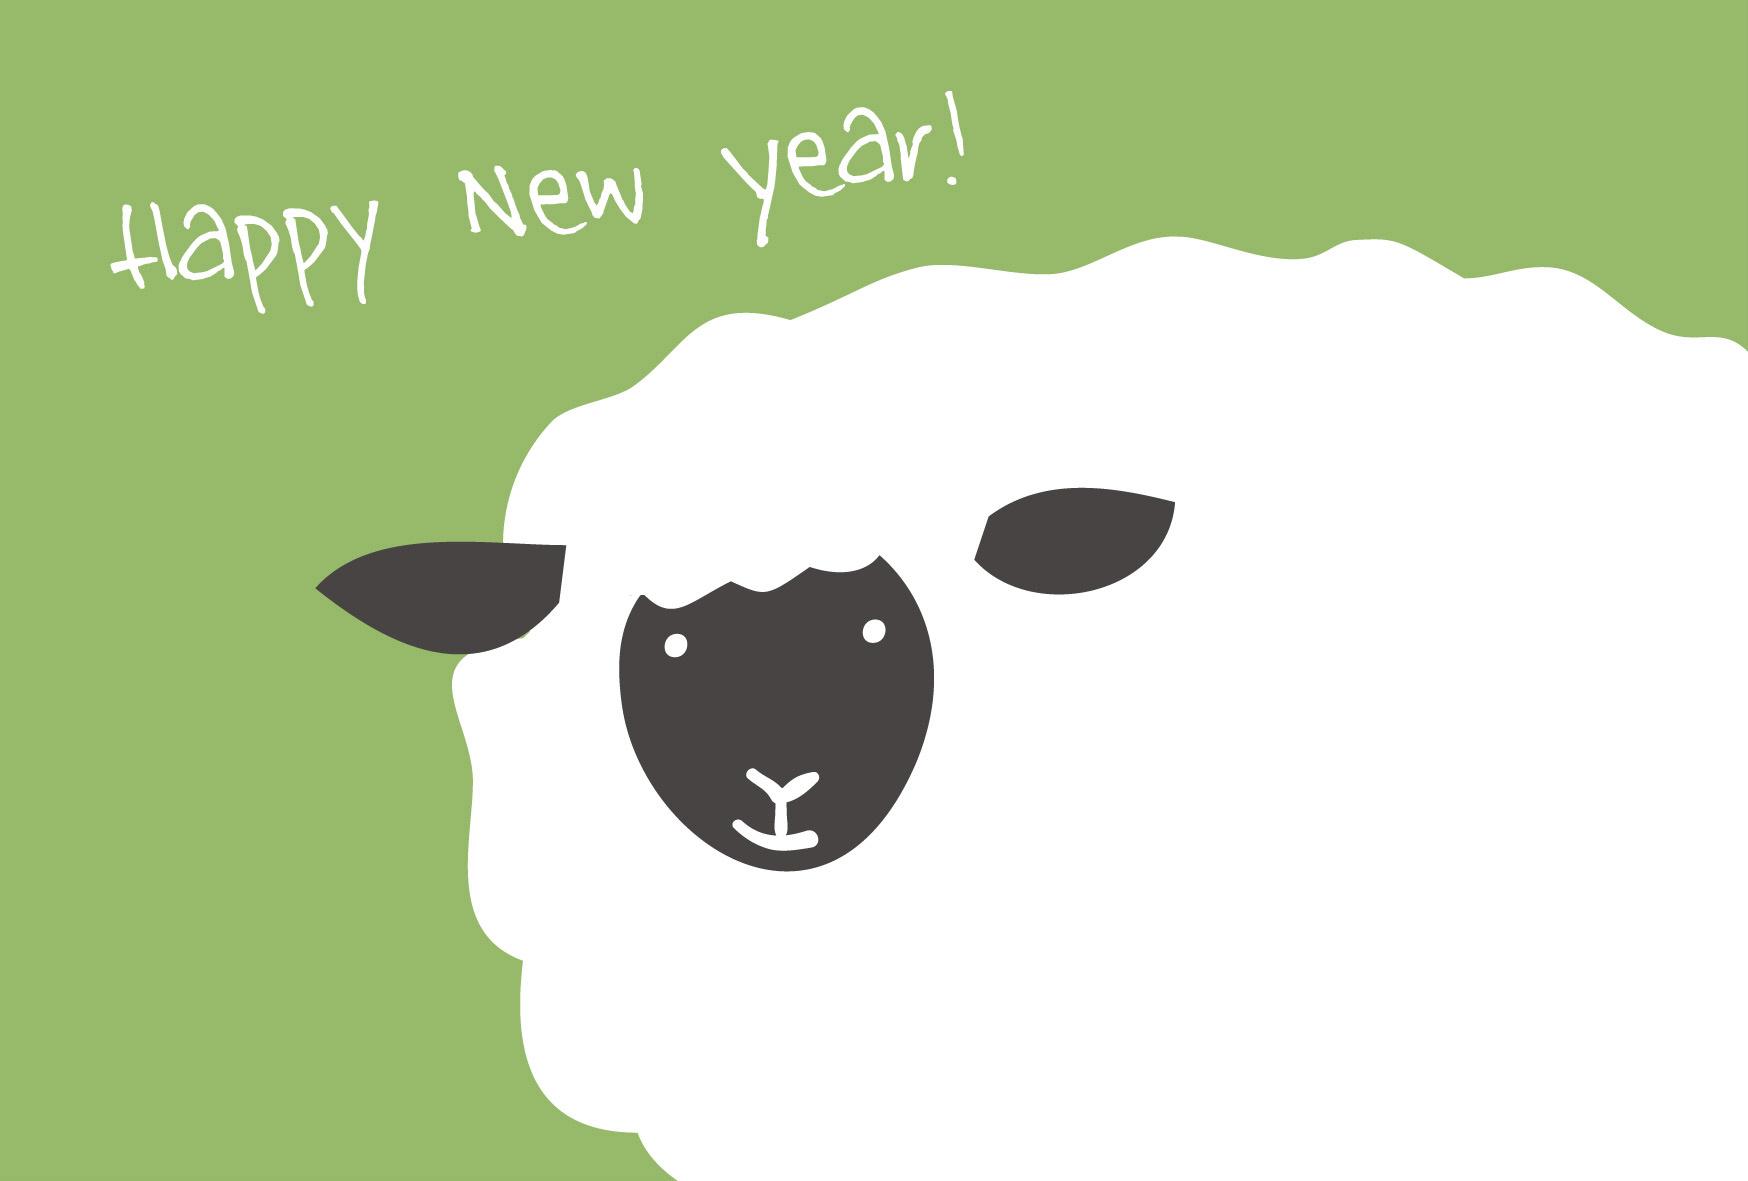 無料イラスト素材素材絵箱印刷用素材 年賀状テンプレート羊の